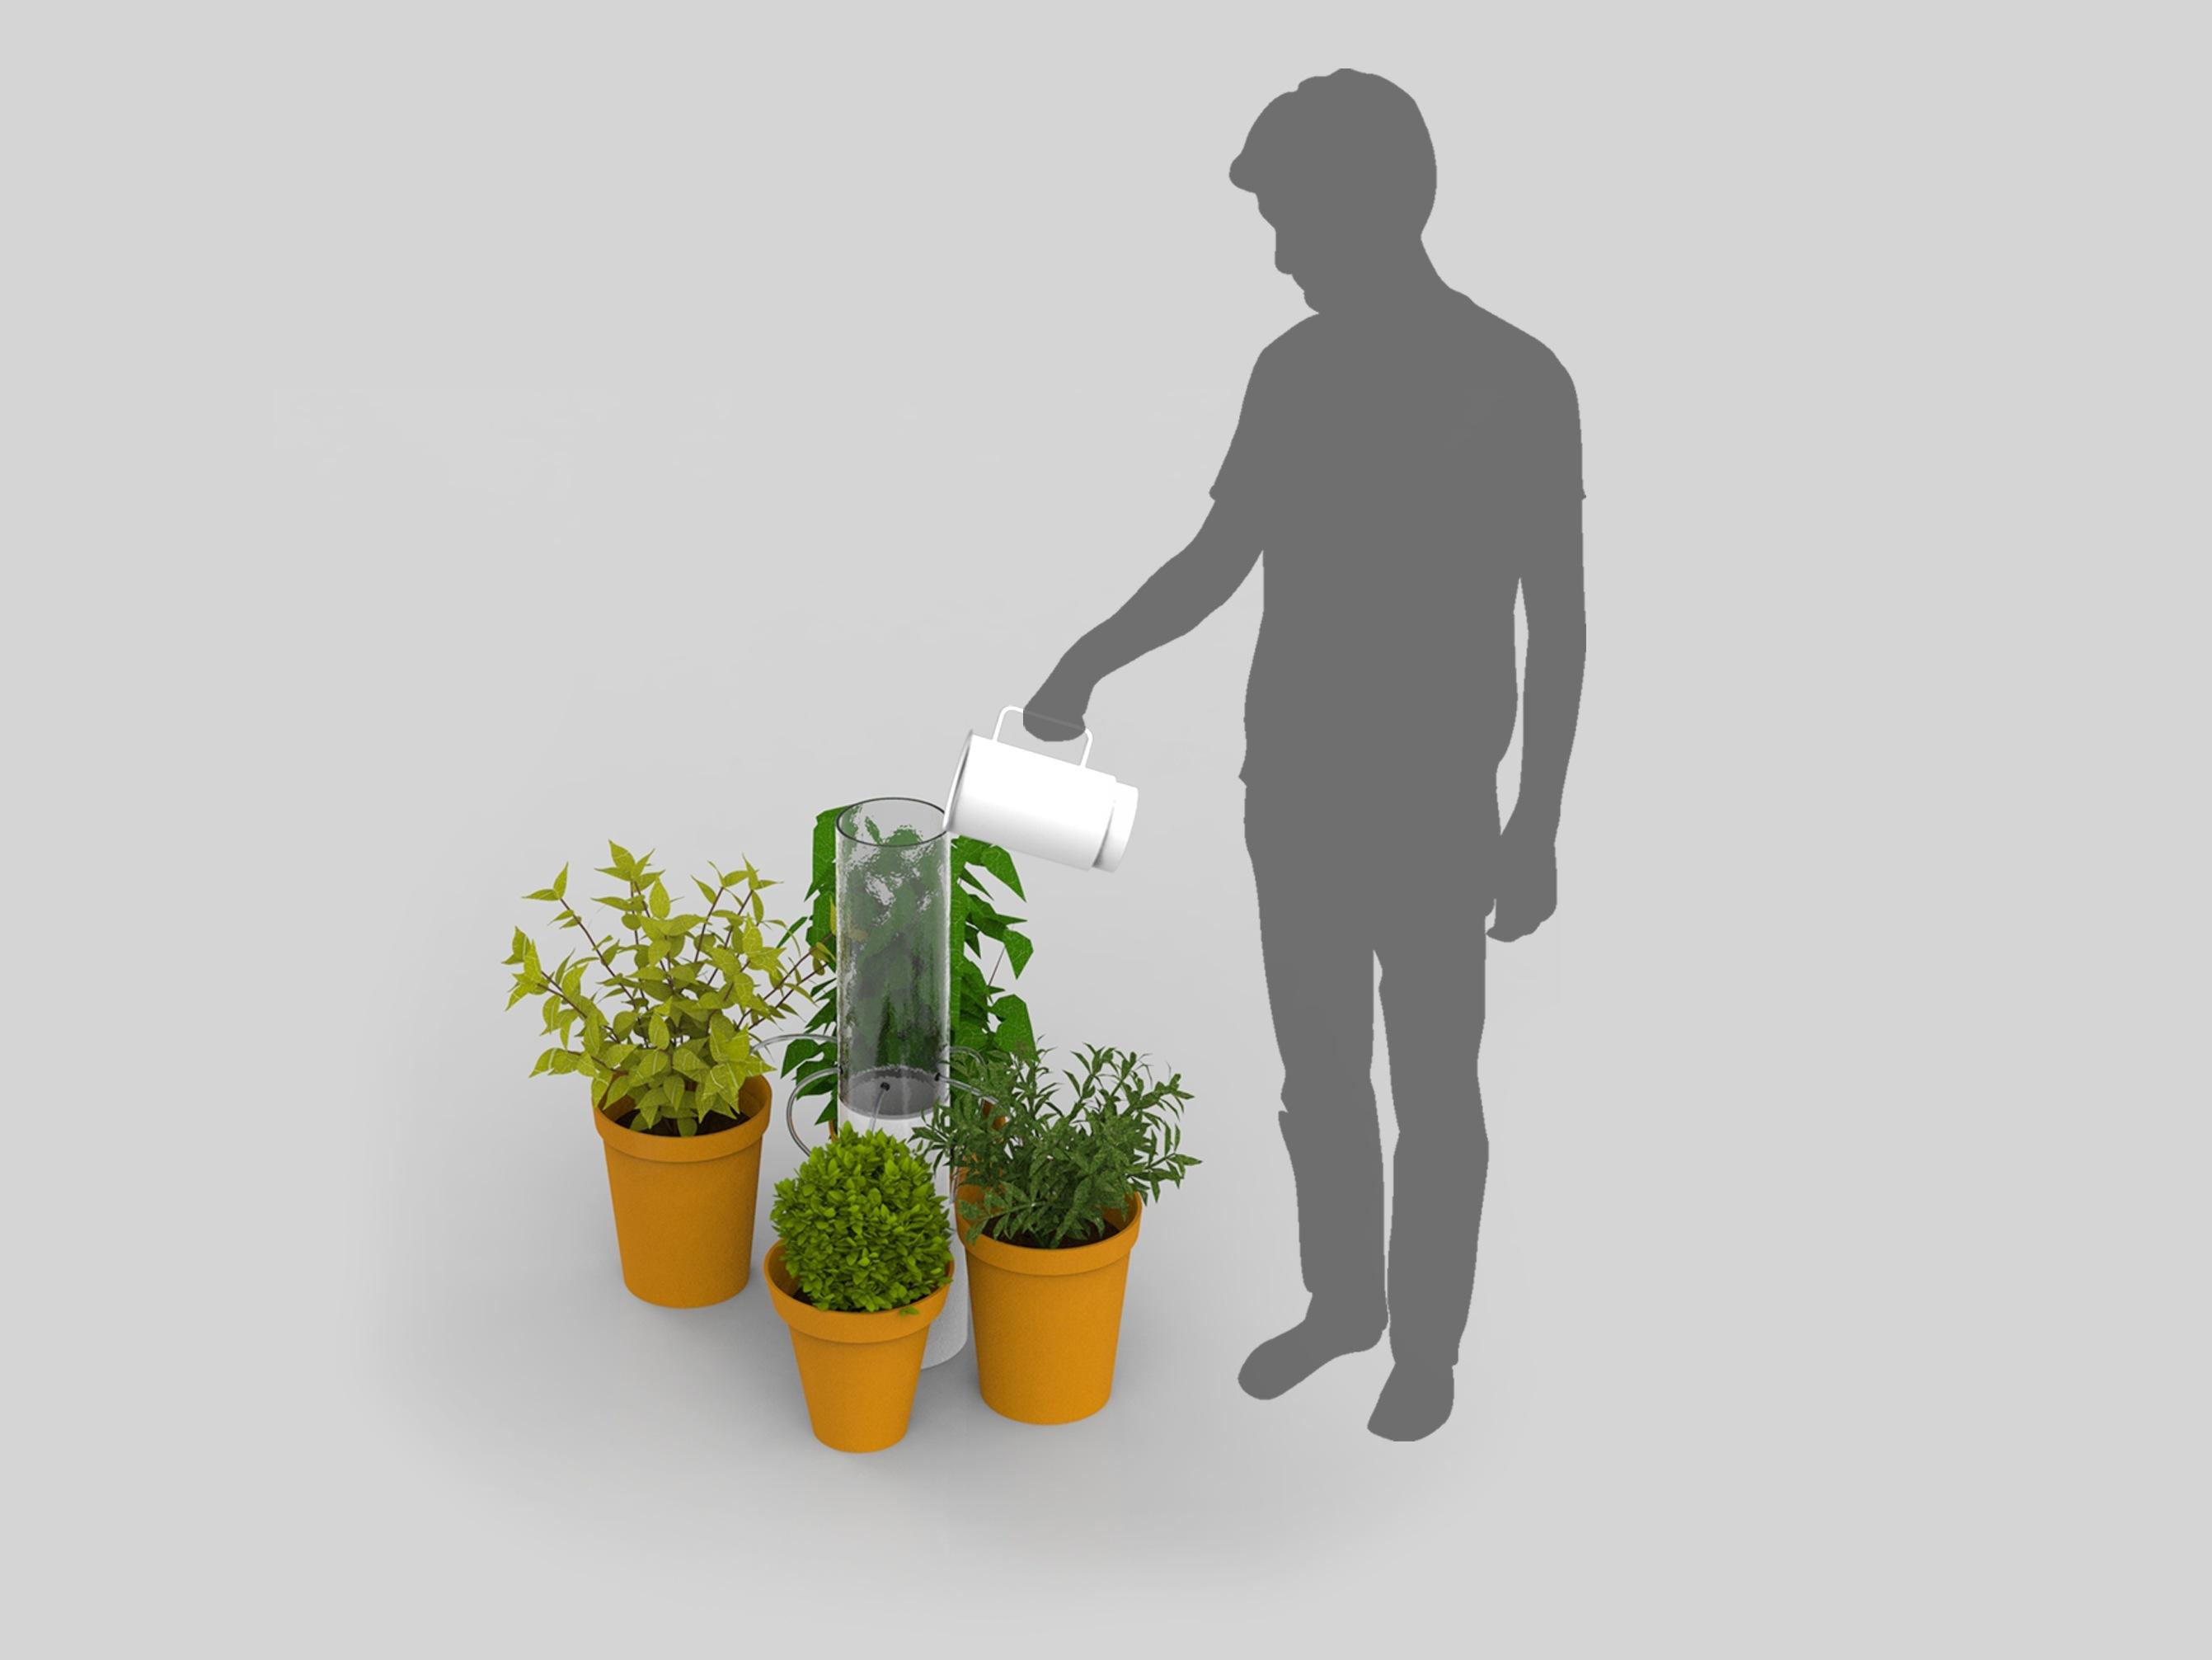 terrafeed_potager_dinterieur_indoor_garden_usage1-pierre-felix-so